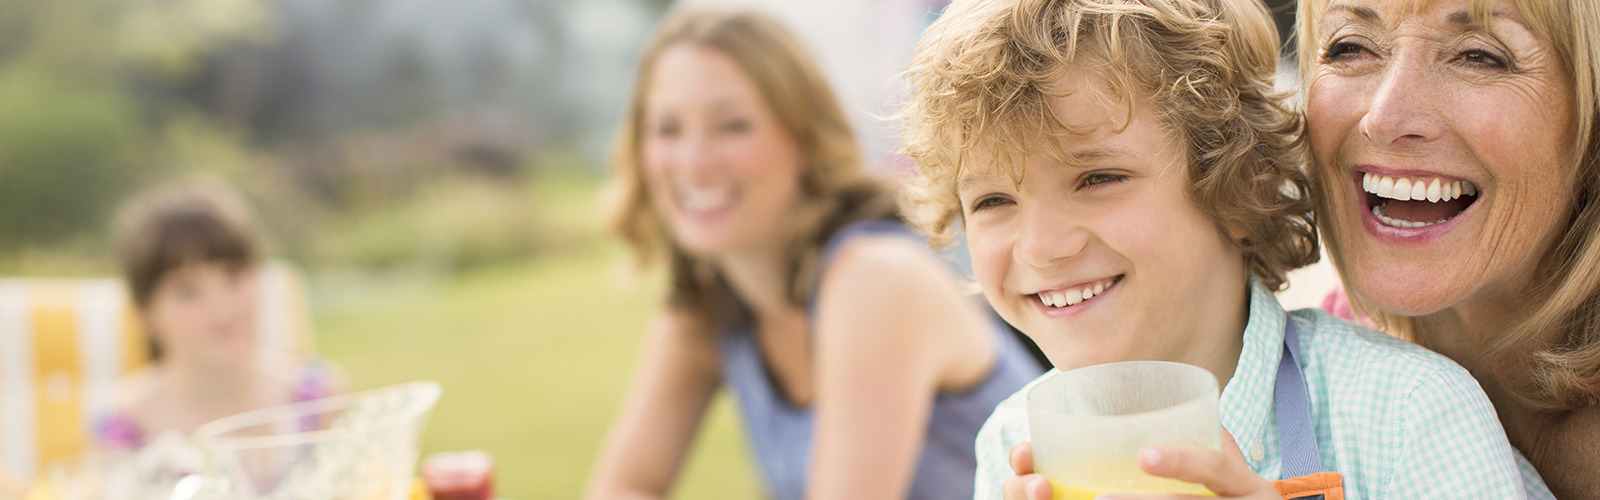 Mujer riendo con su nieto en el regazo en un pícnic